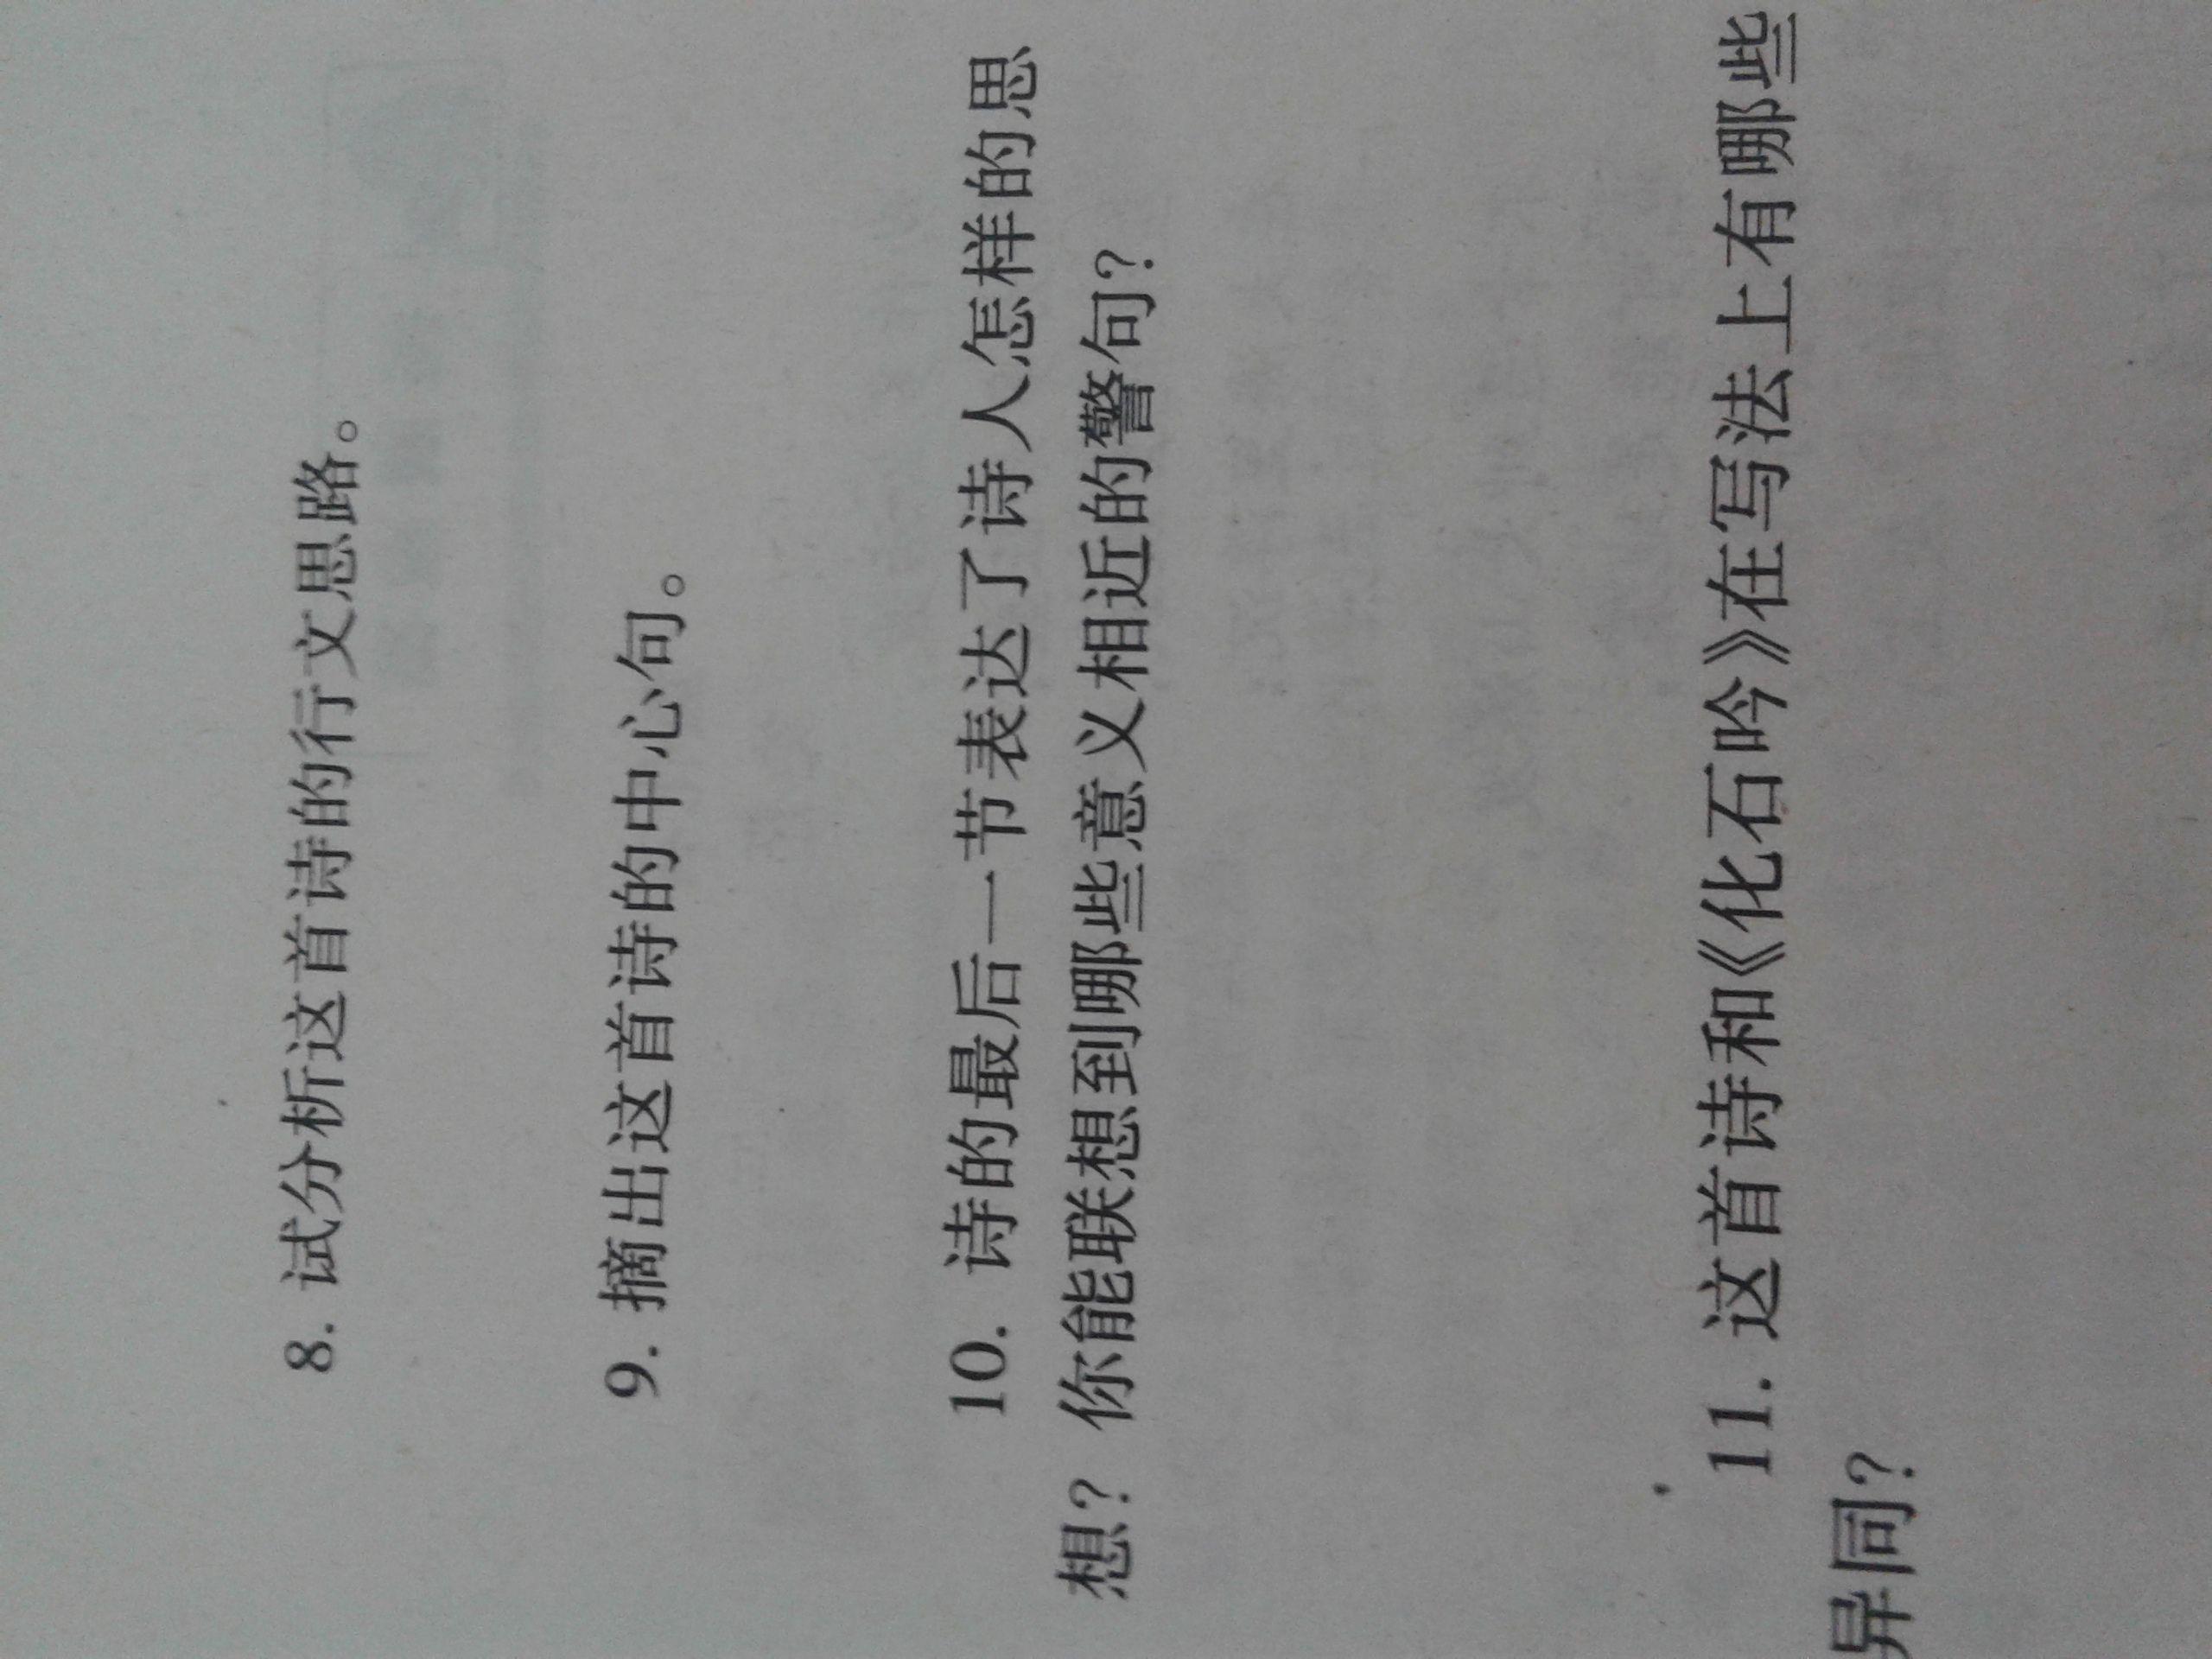 鱼化石艾青诗选赏析 盆景艾青诗选赏析